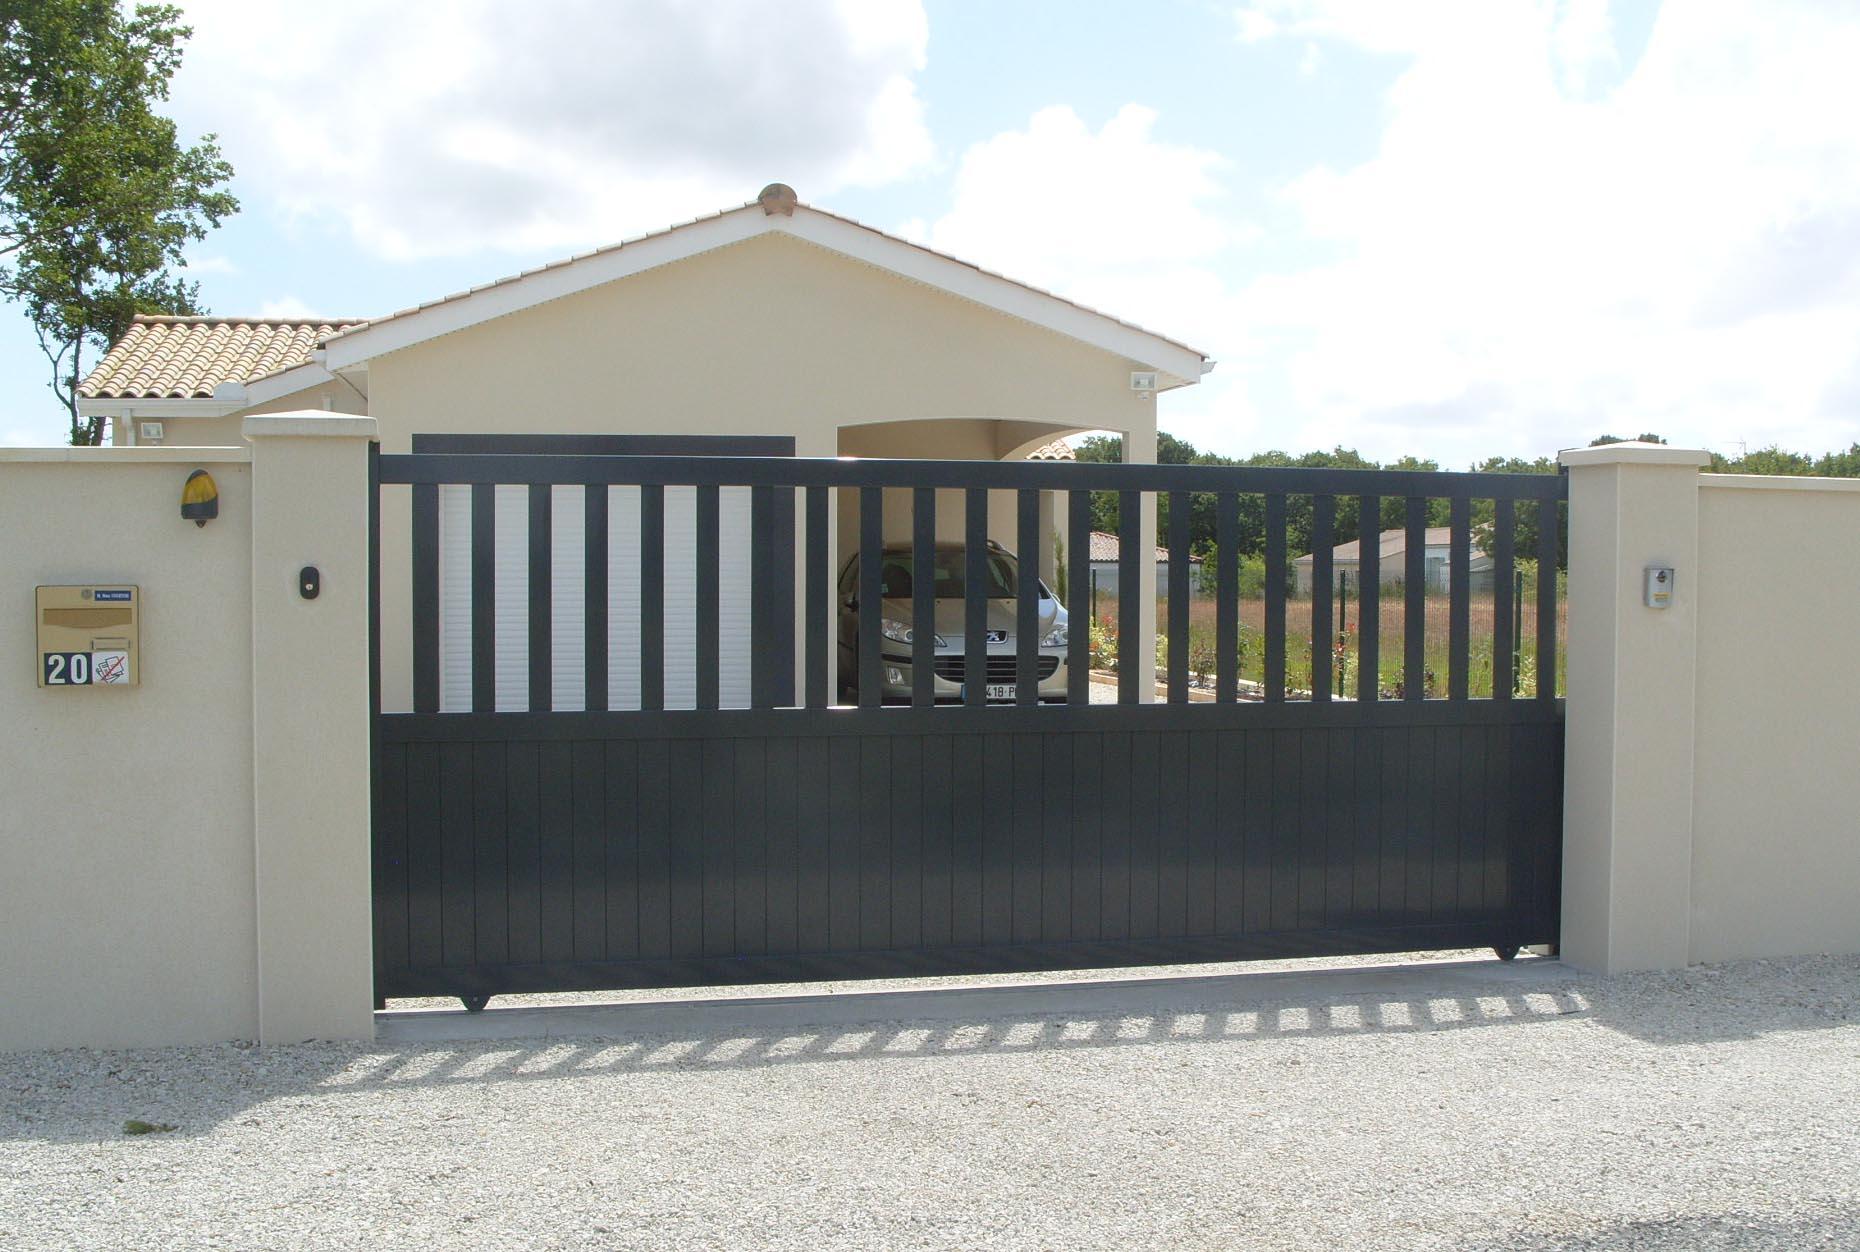 neo10 portail coulissant cool cornov porte de garage coulissante latrale avec portillon with. Black Bedroom Furniture Sets. Home Design Ideas